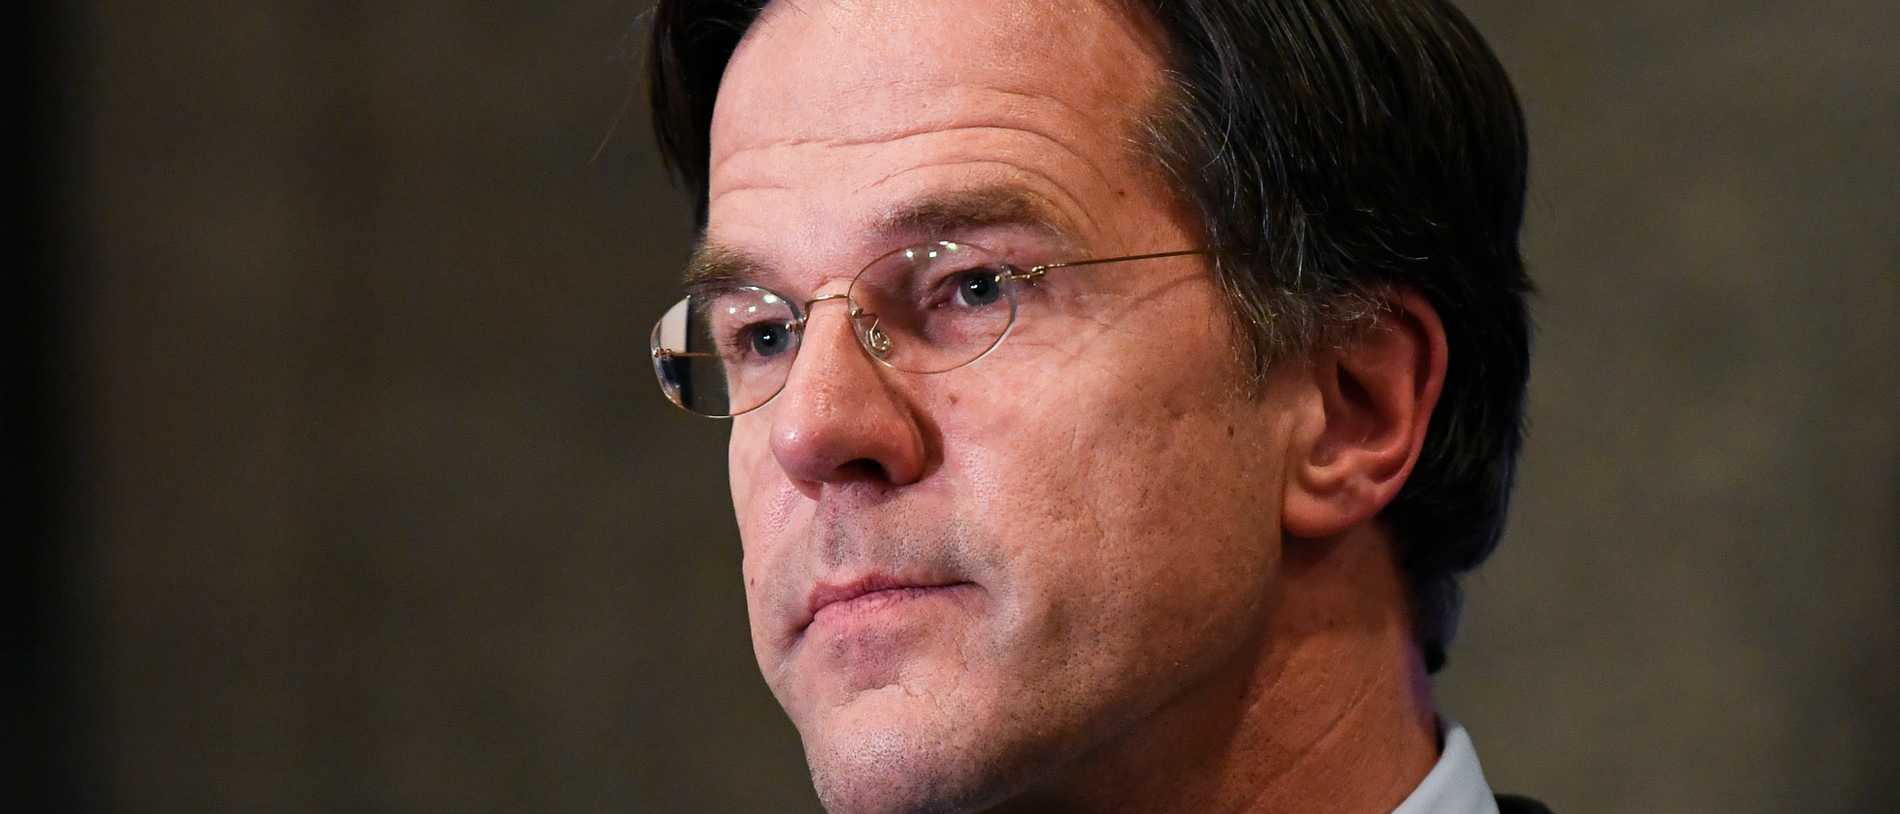 Nederländska utegångsförbudet snart över